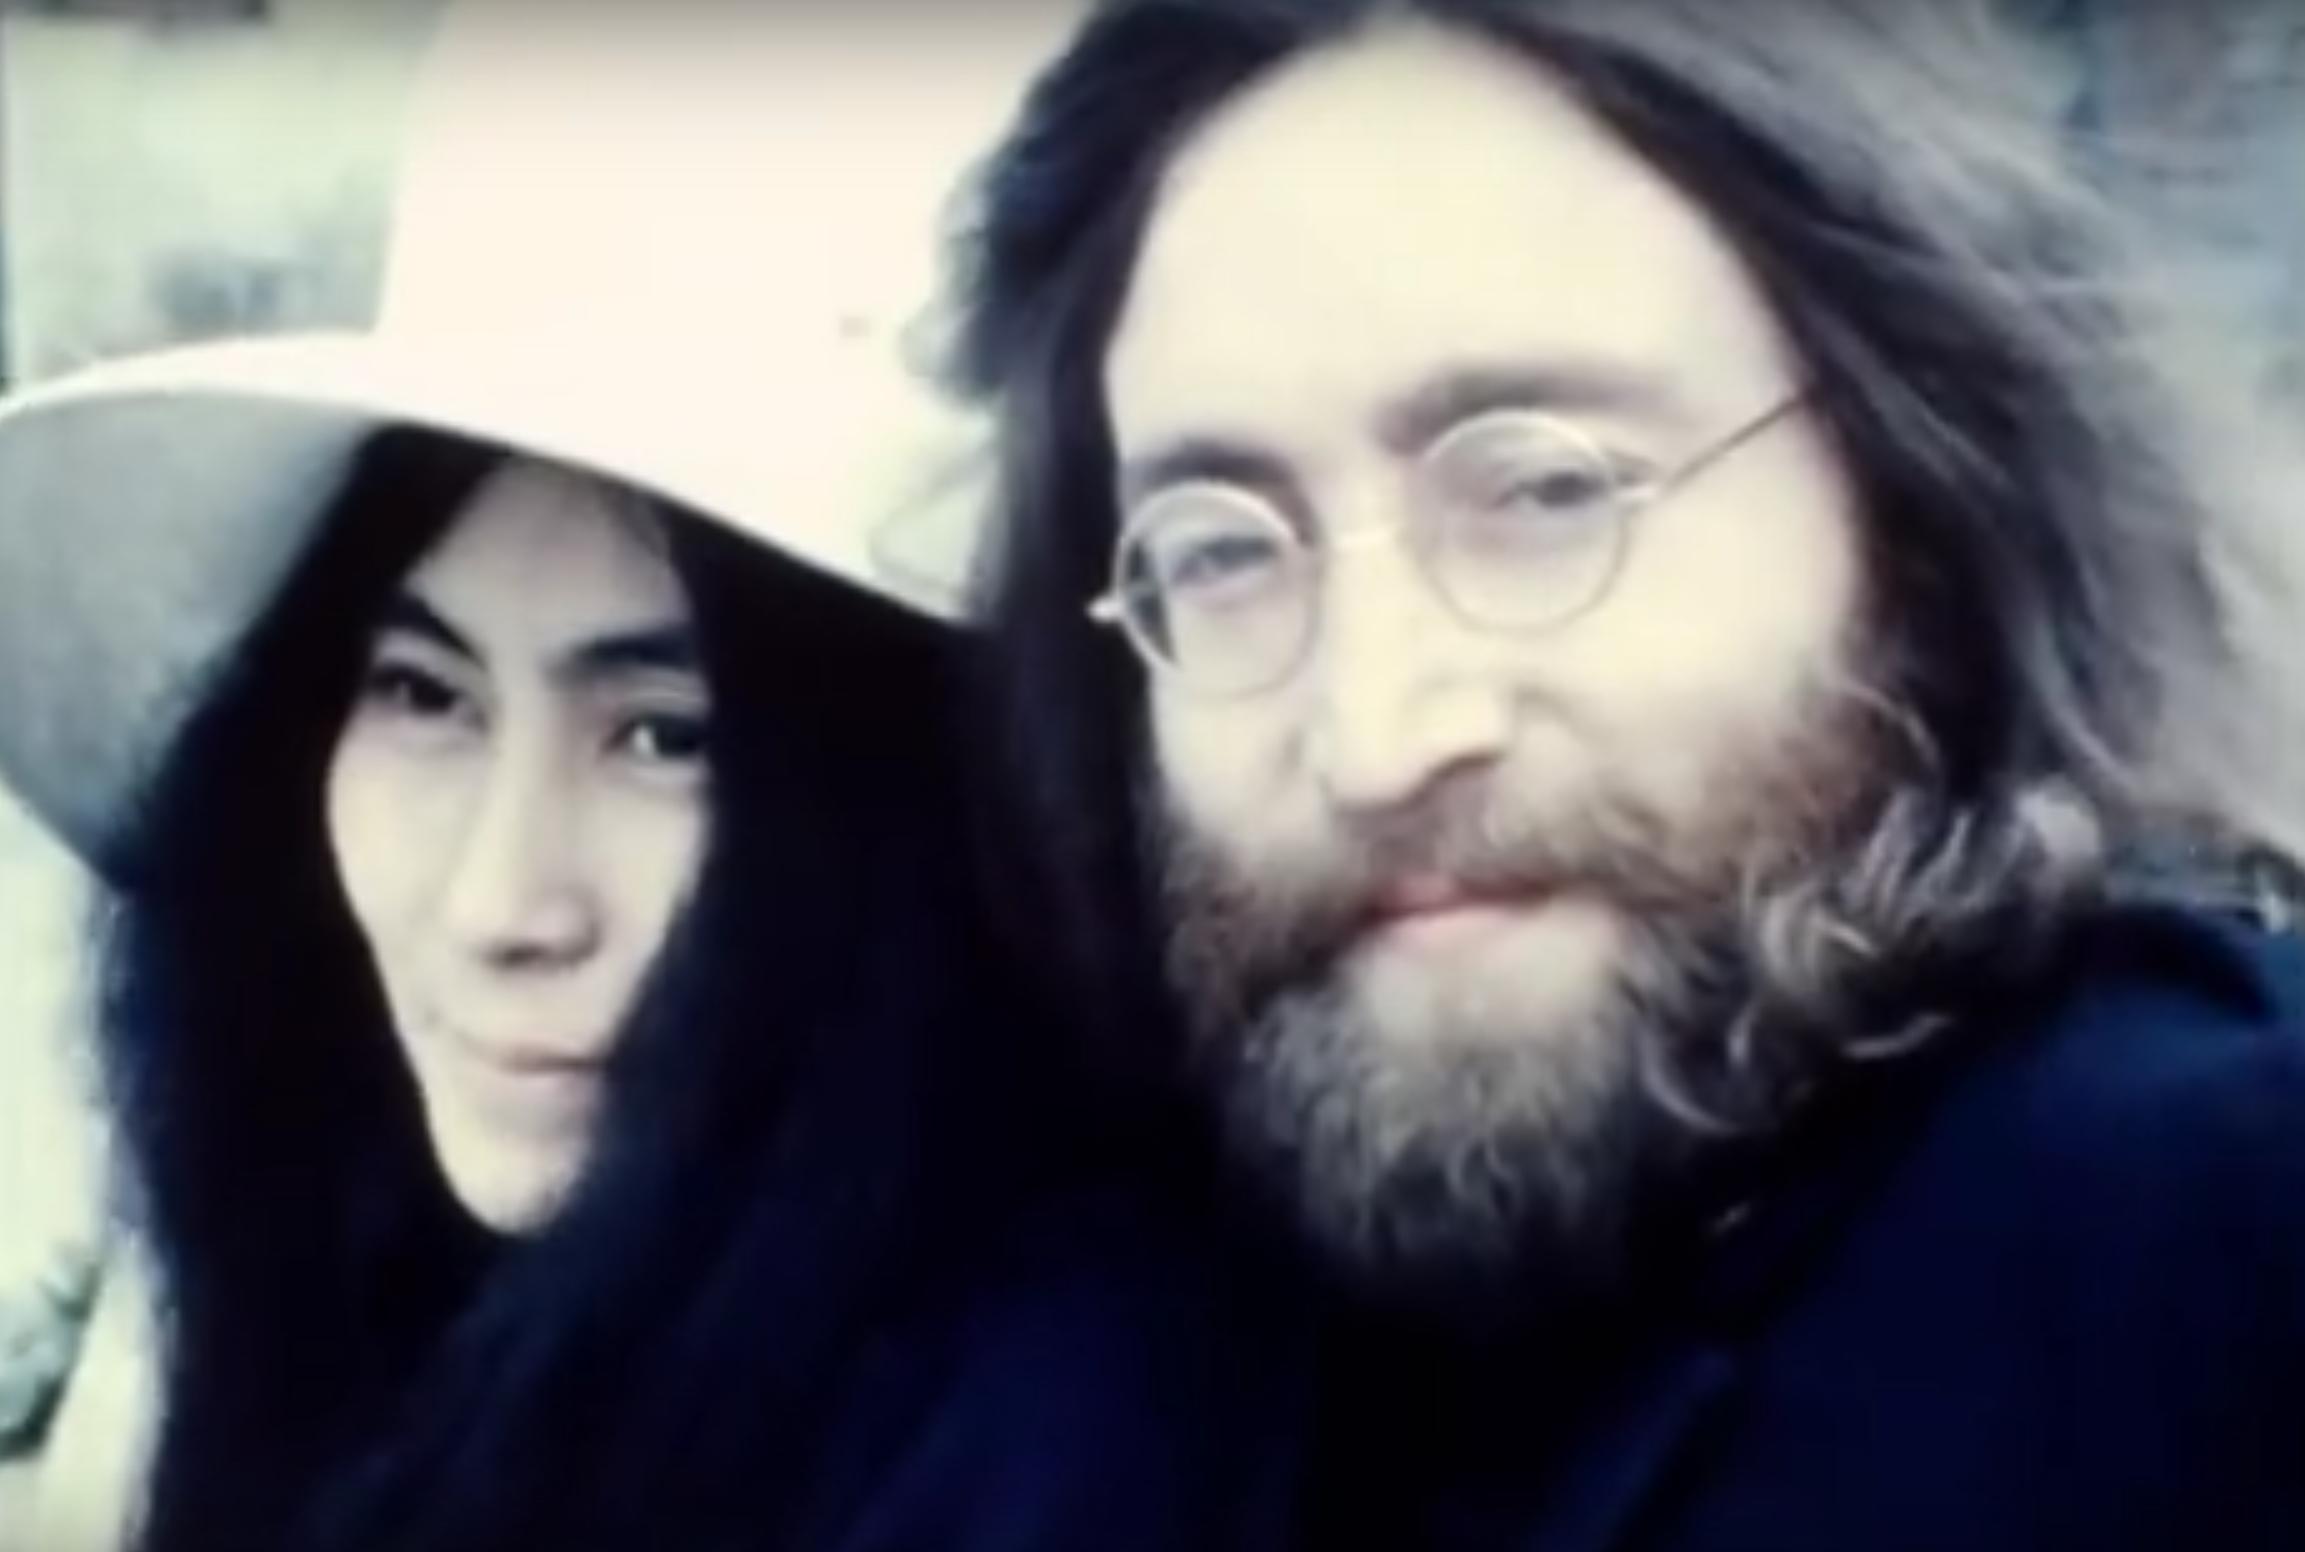 Feierlichkeiten um John Lennon Tribut zu zollen